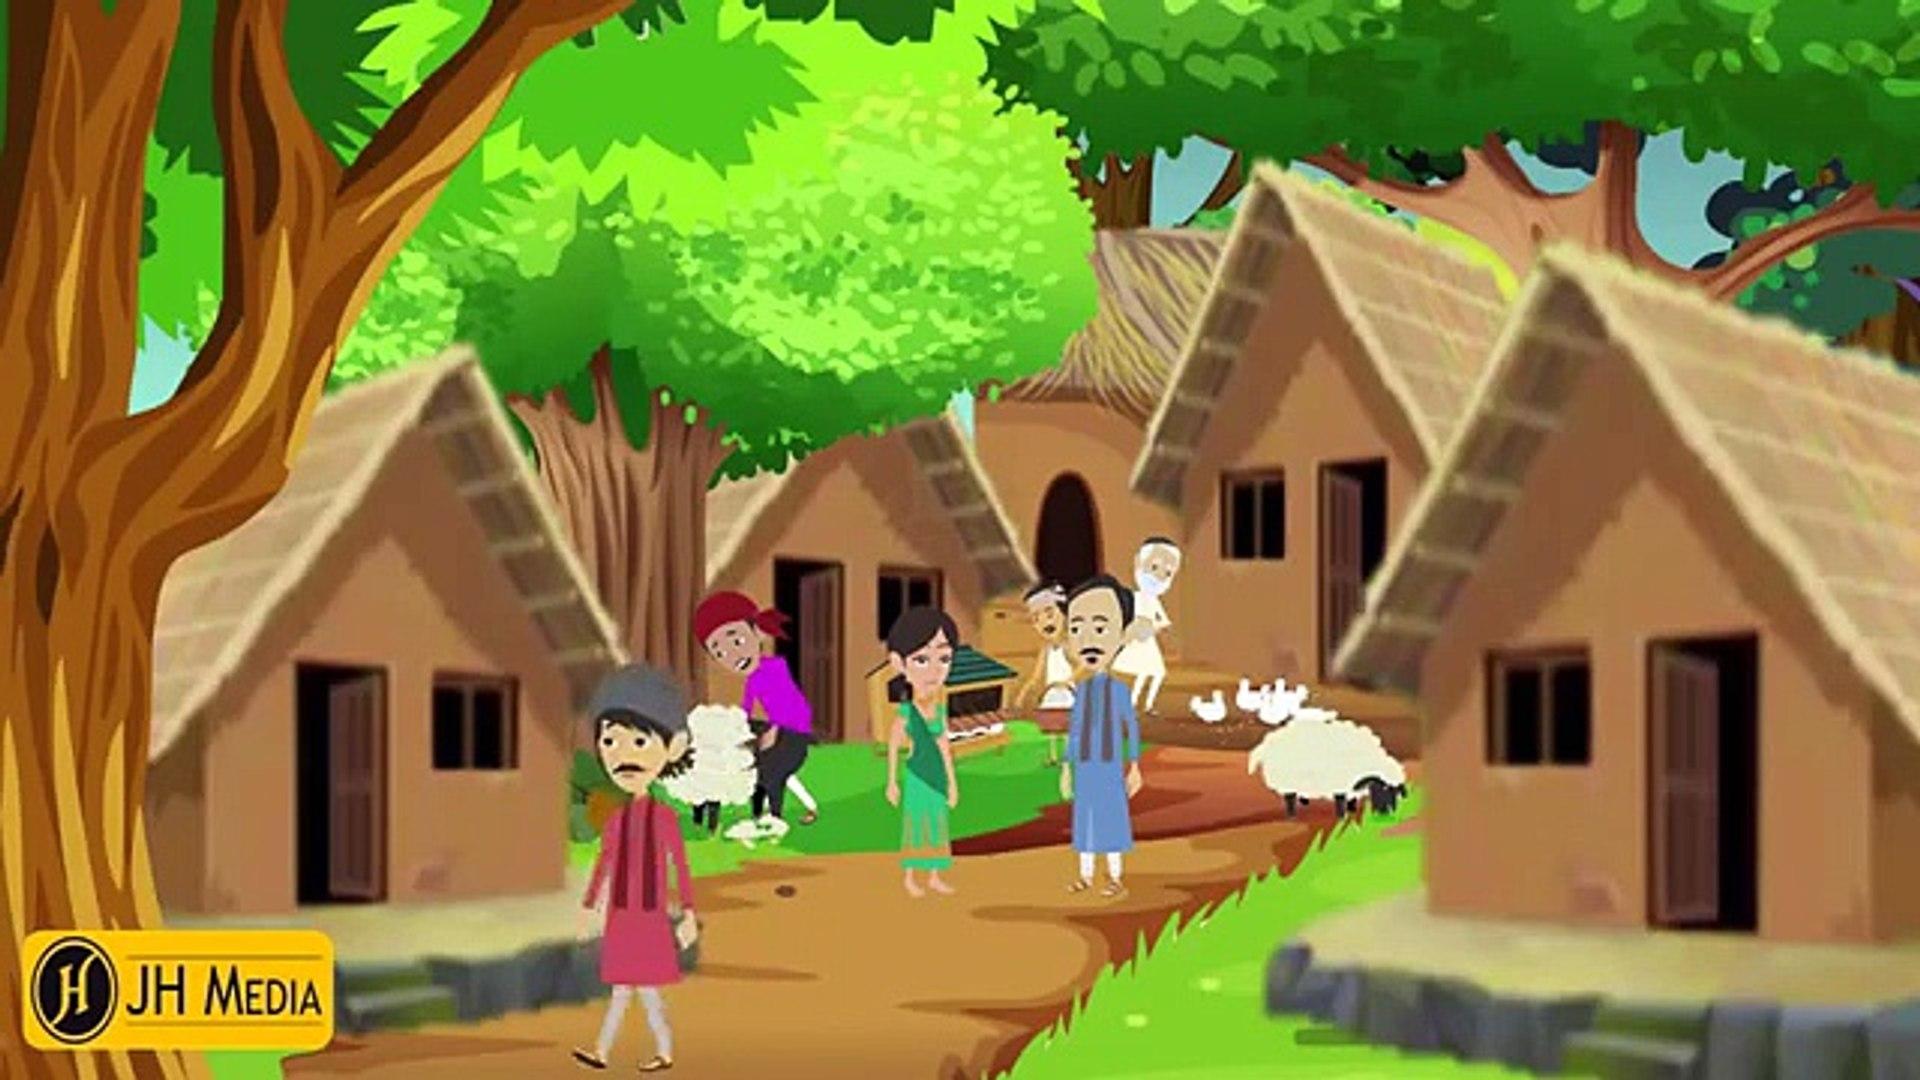 Miser Man Moral Story- New Urdu Cartoon Stories  - Urdu Cartoon Story For Kids